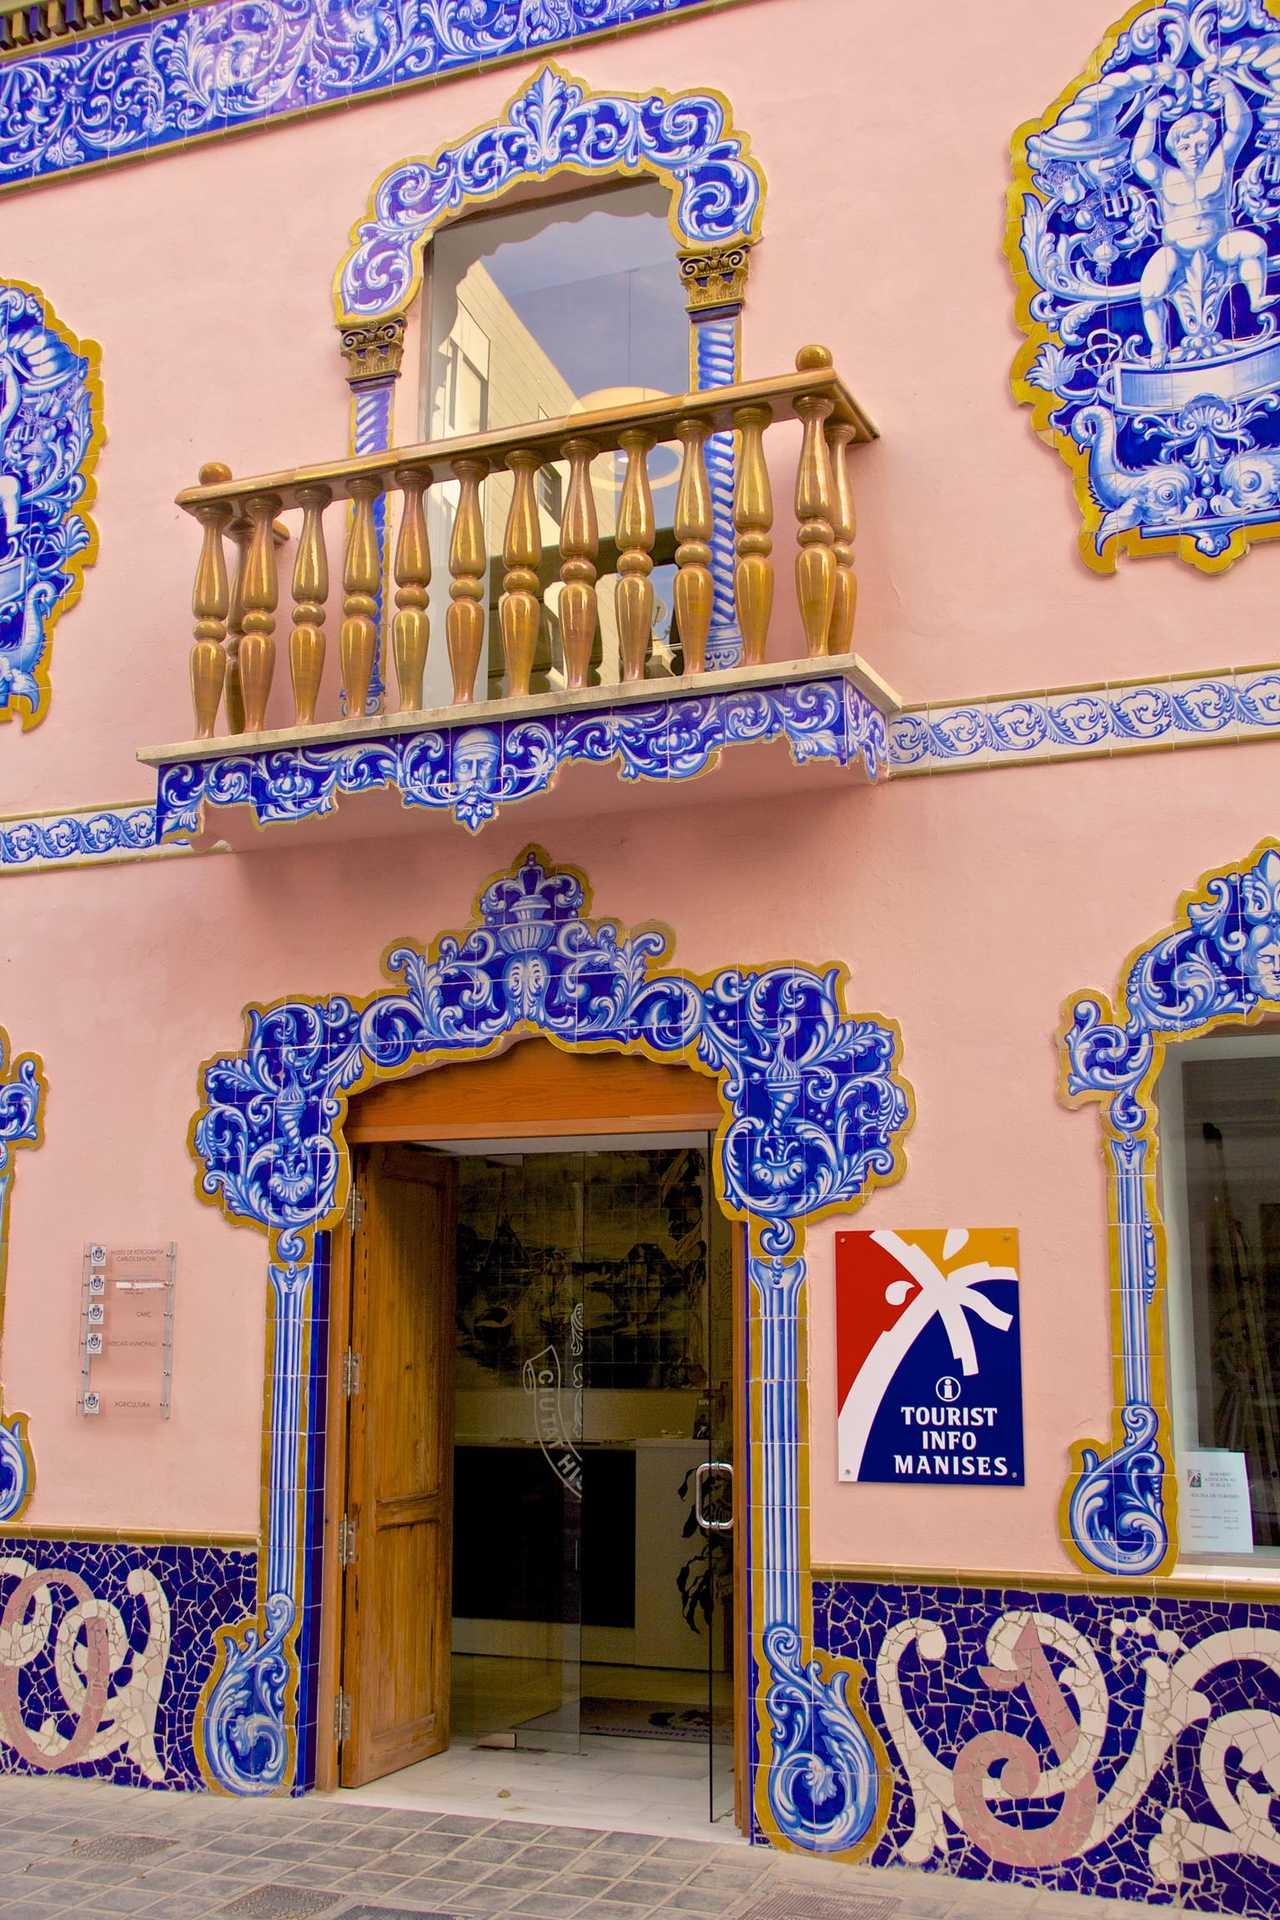 Fachada de la antigua fábrica de cerámica Juan Bautista Huerta Aviñó, El Arte